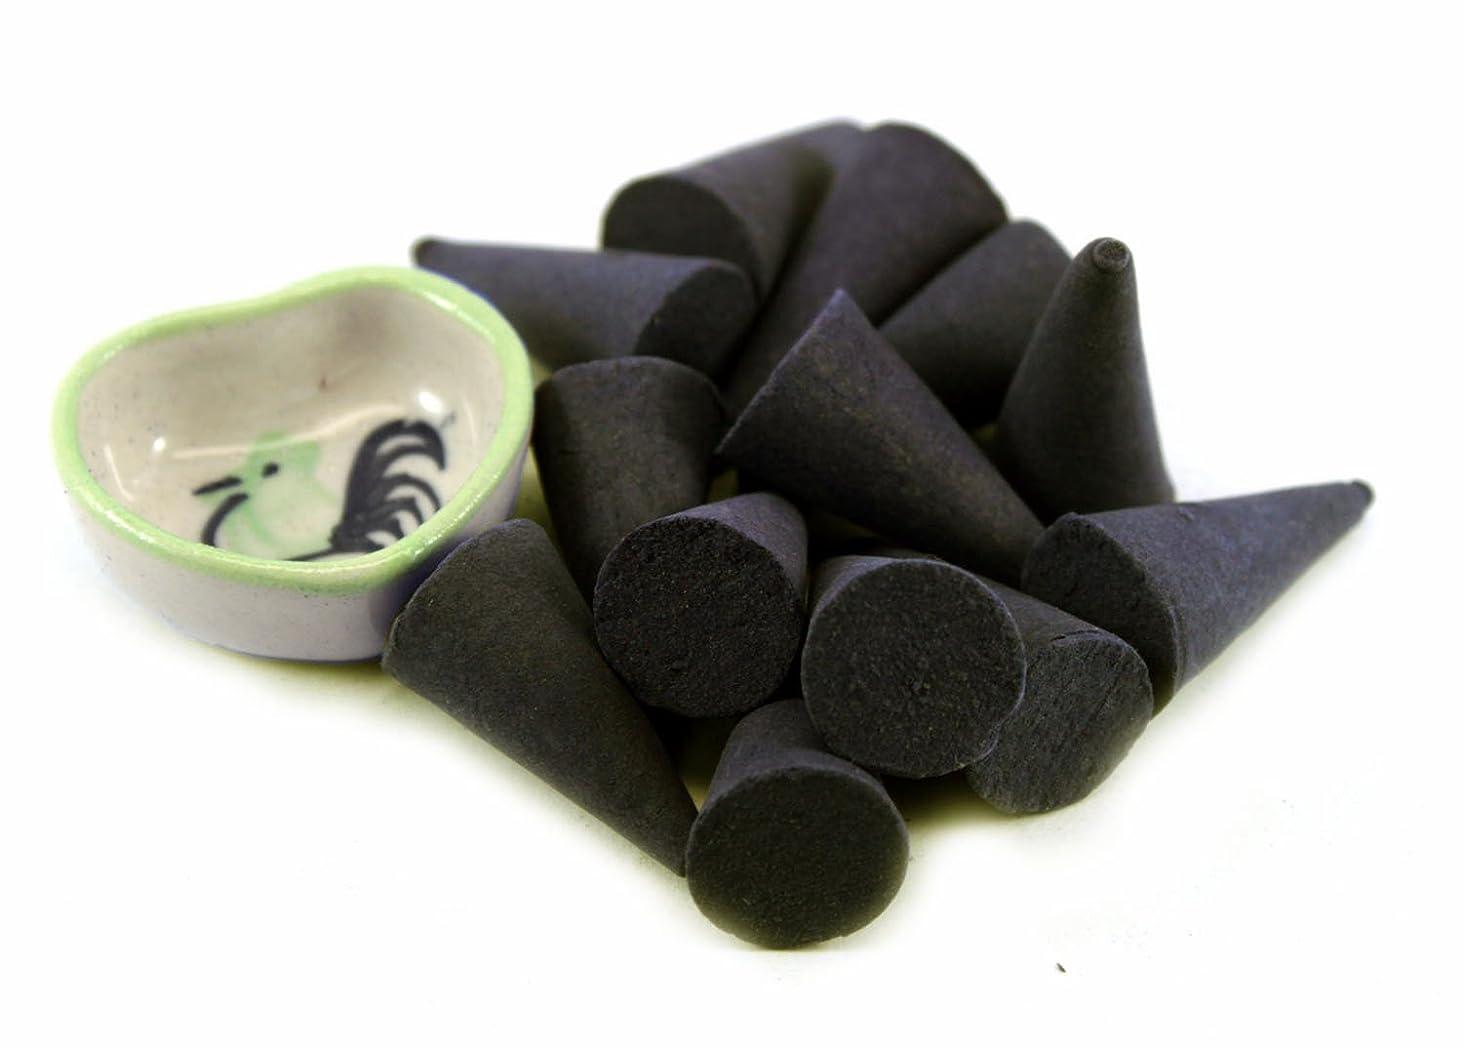 バラエティおばあさん支援するAgarwood Incense Cones with Burnerホルダー100ピースパックThaiEnjoy製品